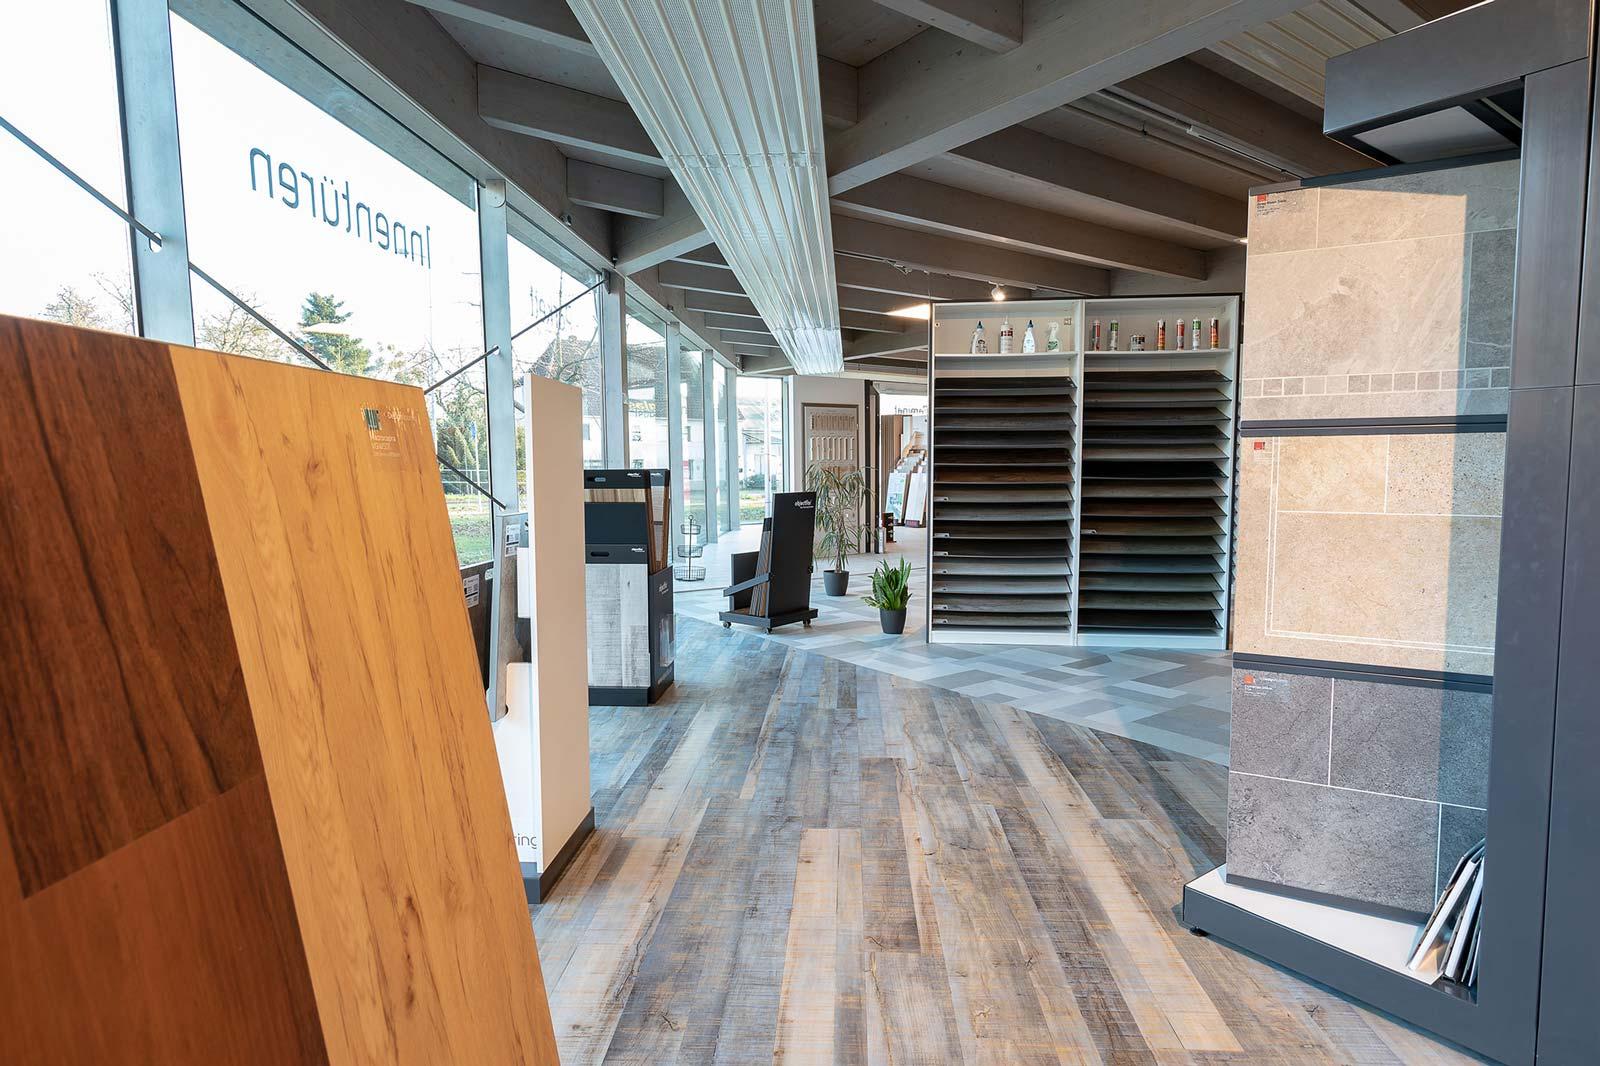 Fußboden Verlegen Cottbus ~ ✶ tresabo ✶ fachfirma aus wittenberg verlegung parkett fußboden